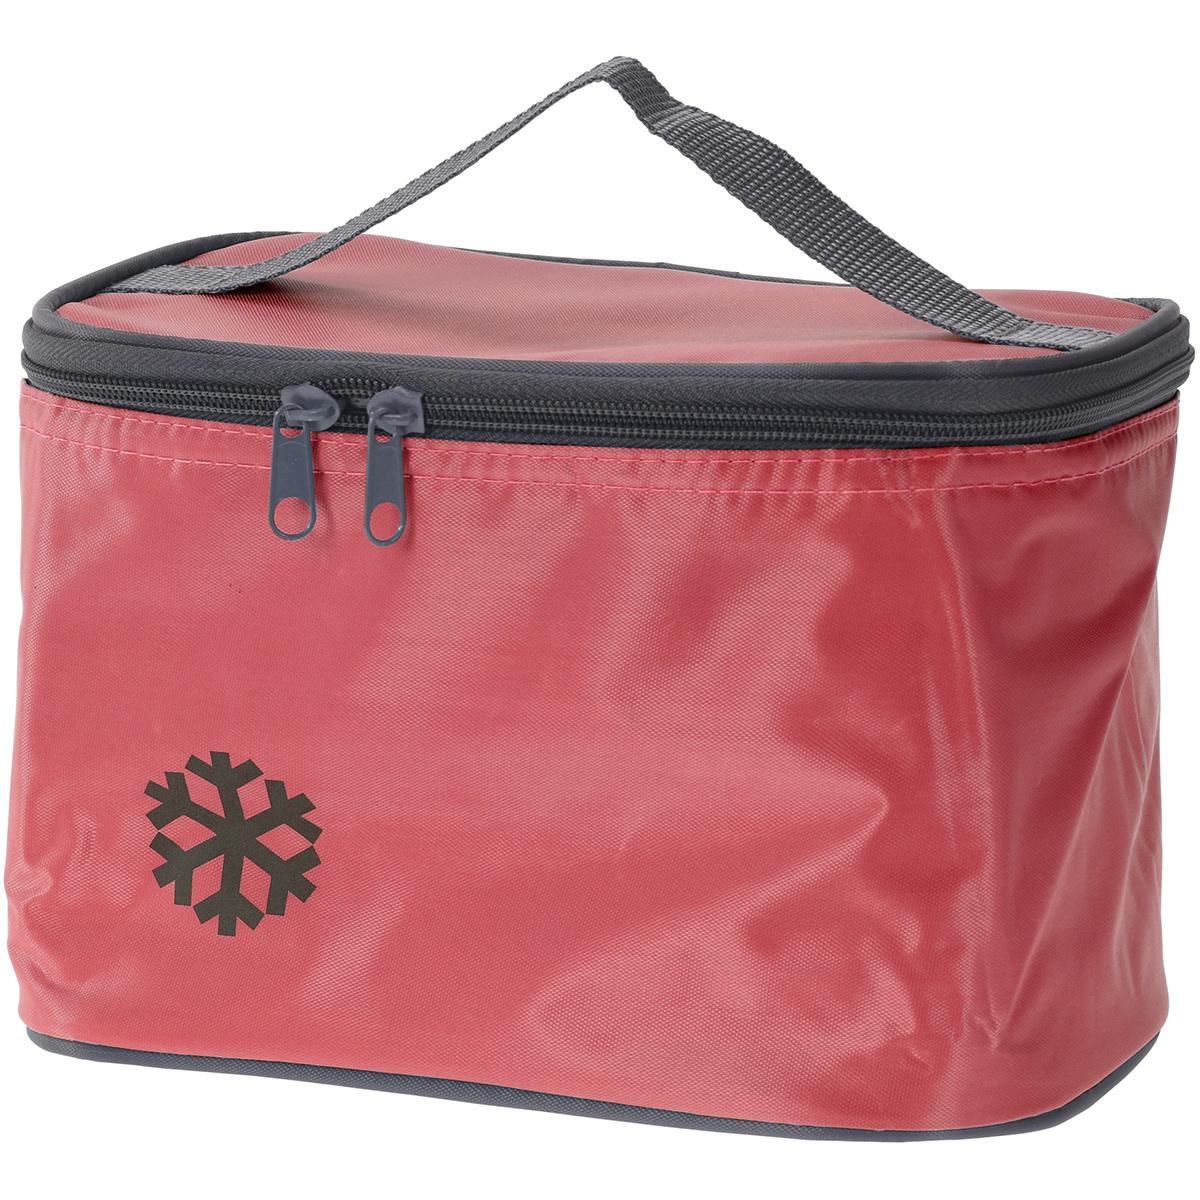 Koopman Chladicí taška Freeze, červená